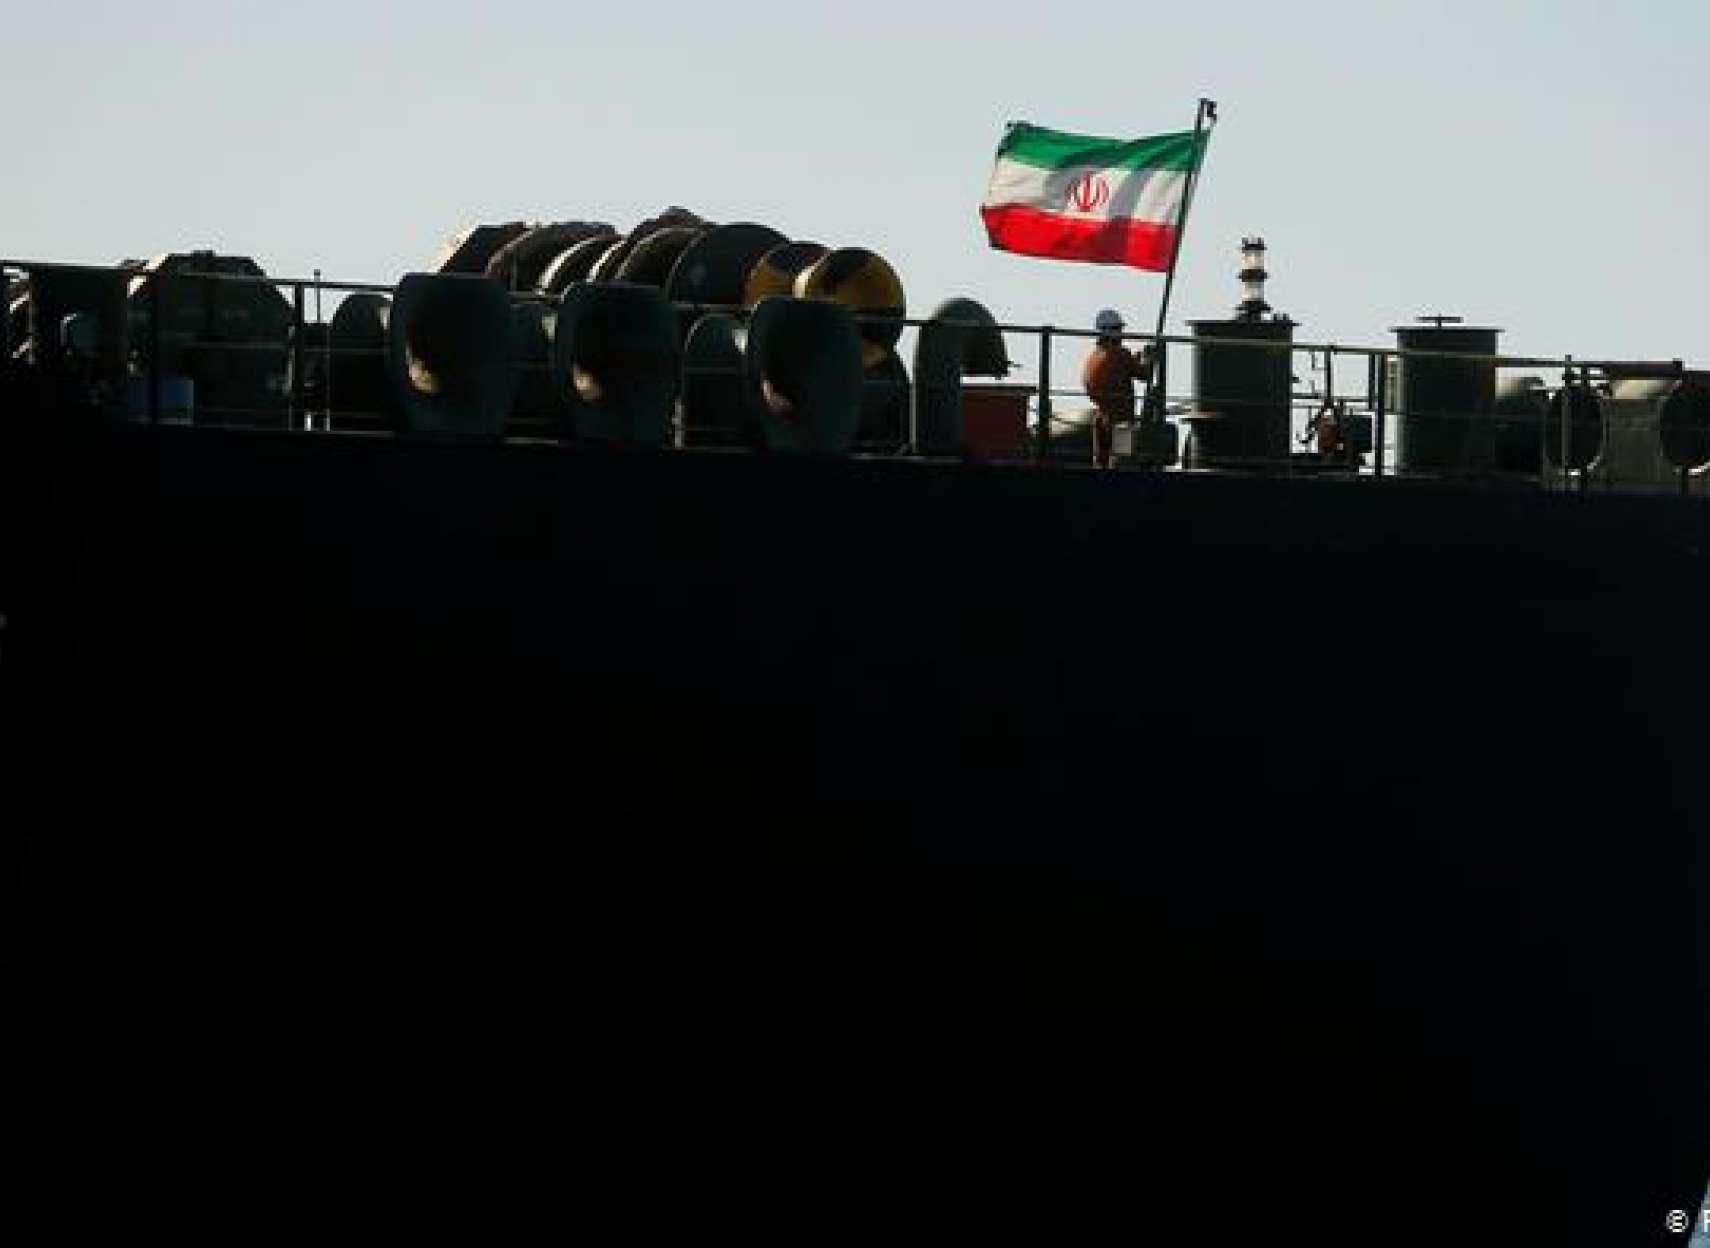 گام-جدید-آمریکا-برای-به-صفر-رساندن-فروش-نفت-ایران